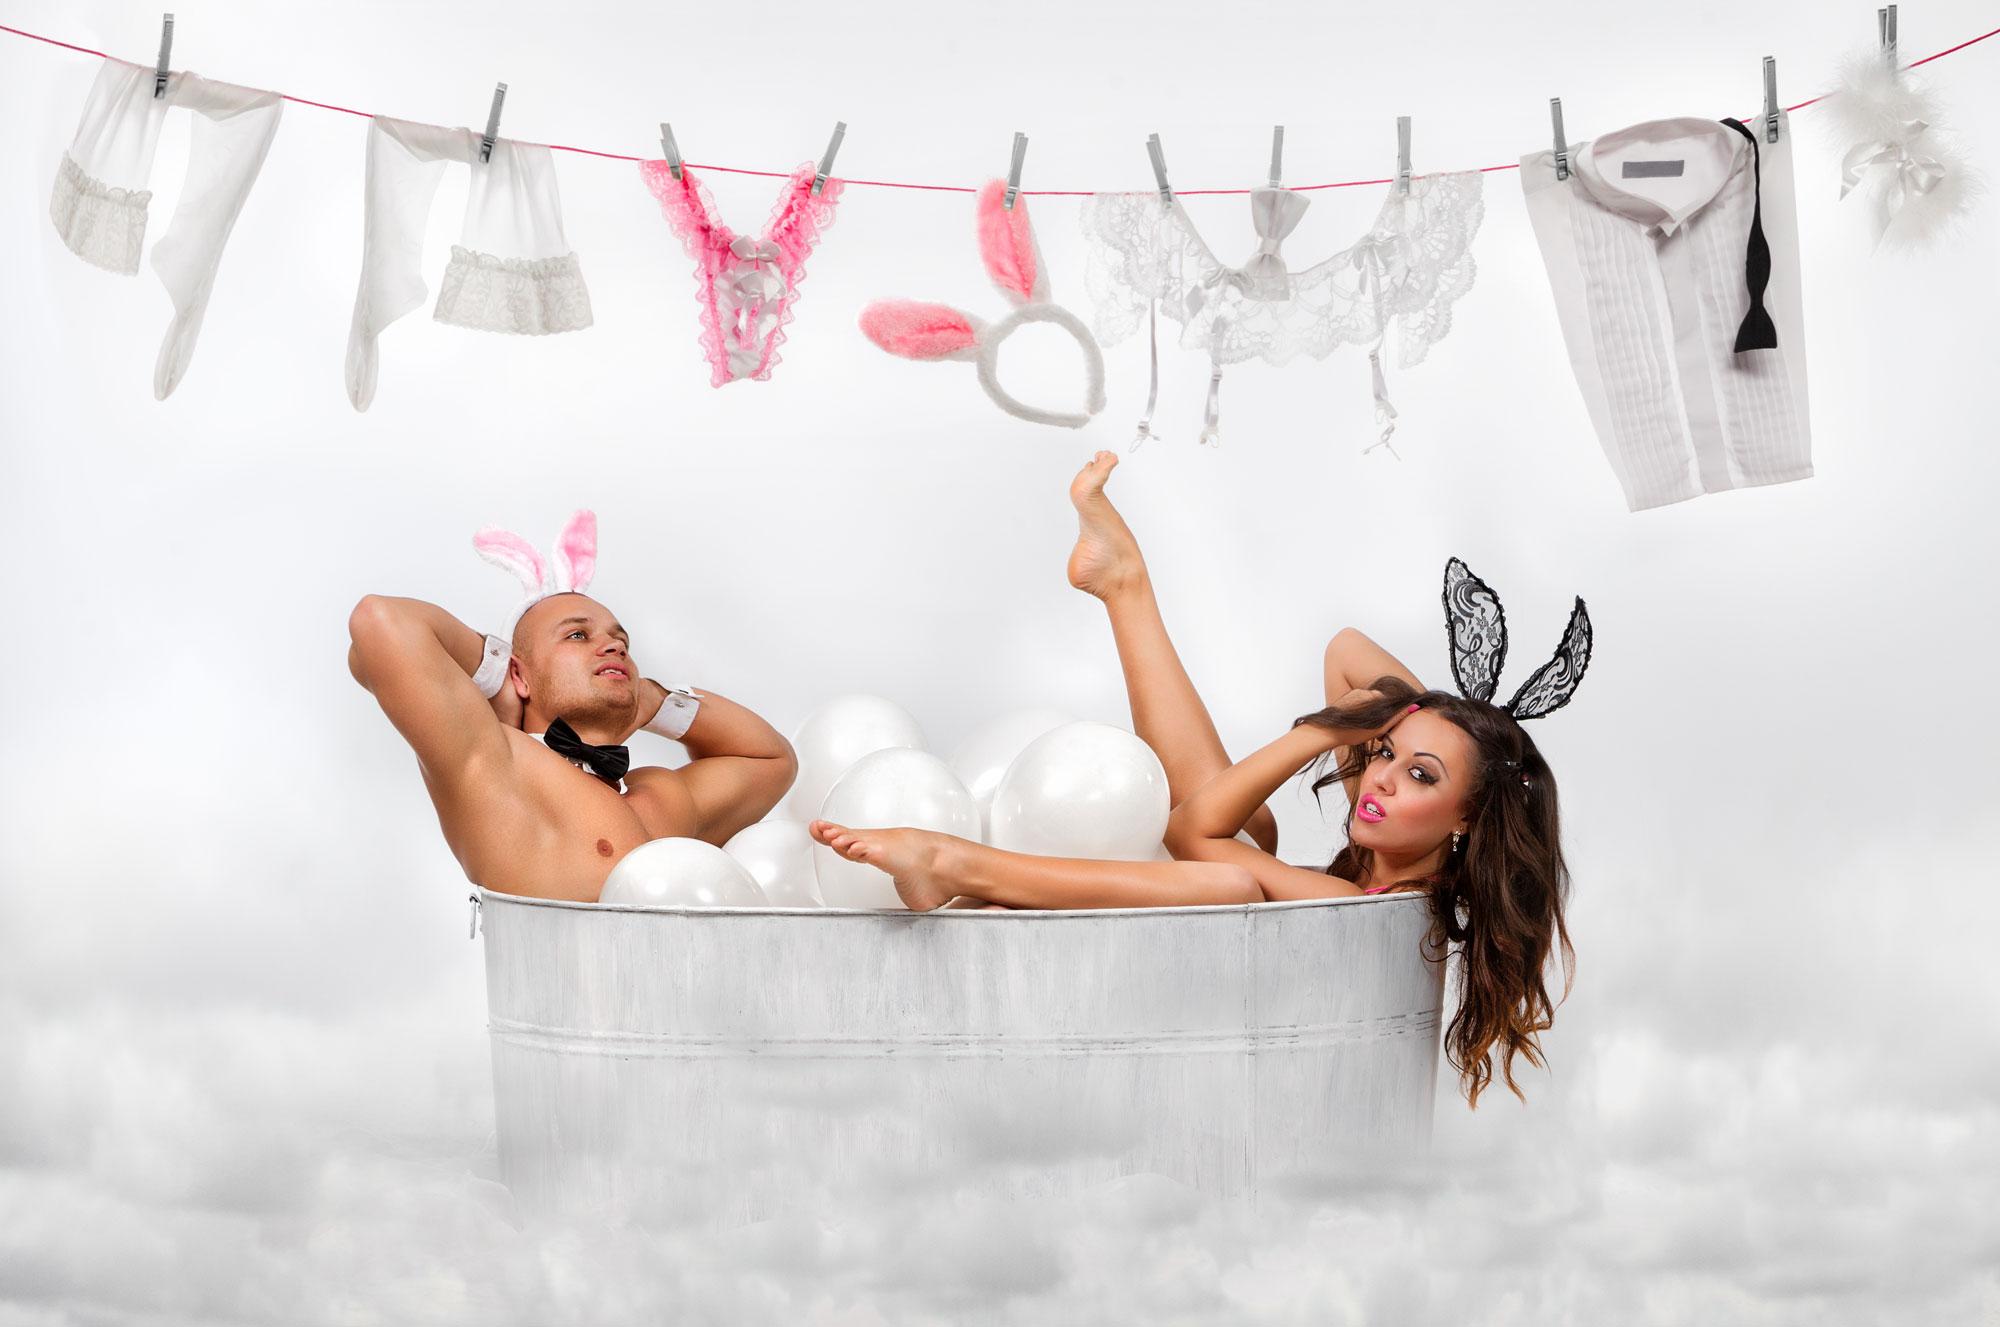 man en vrouw in bad met waslijn erboven met ondergoed